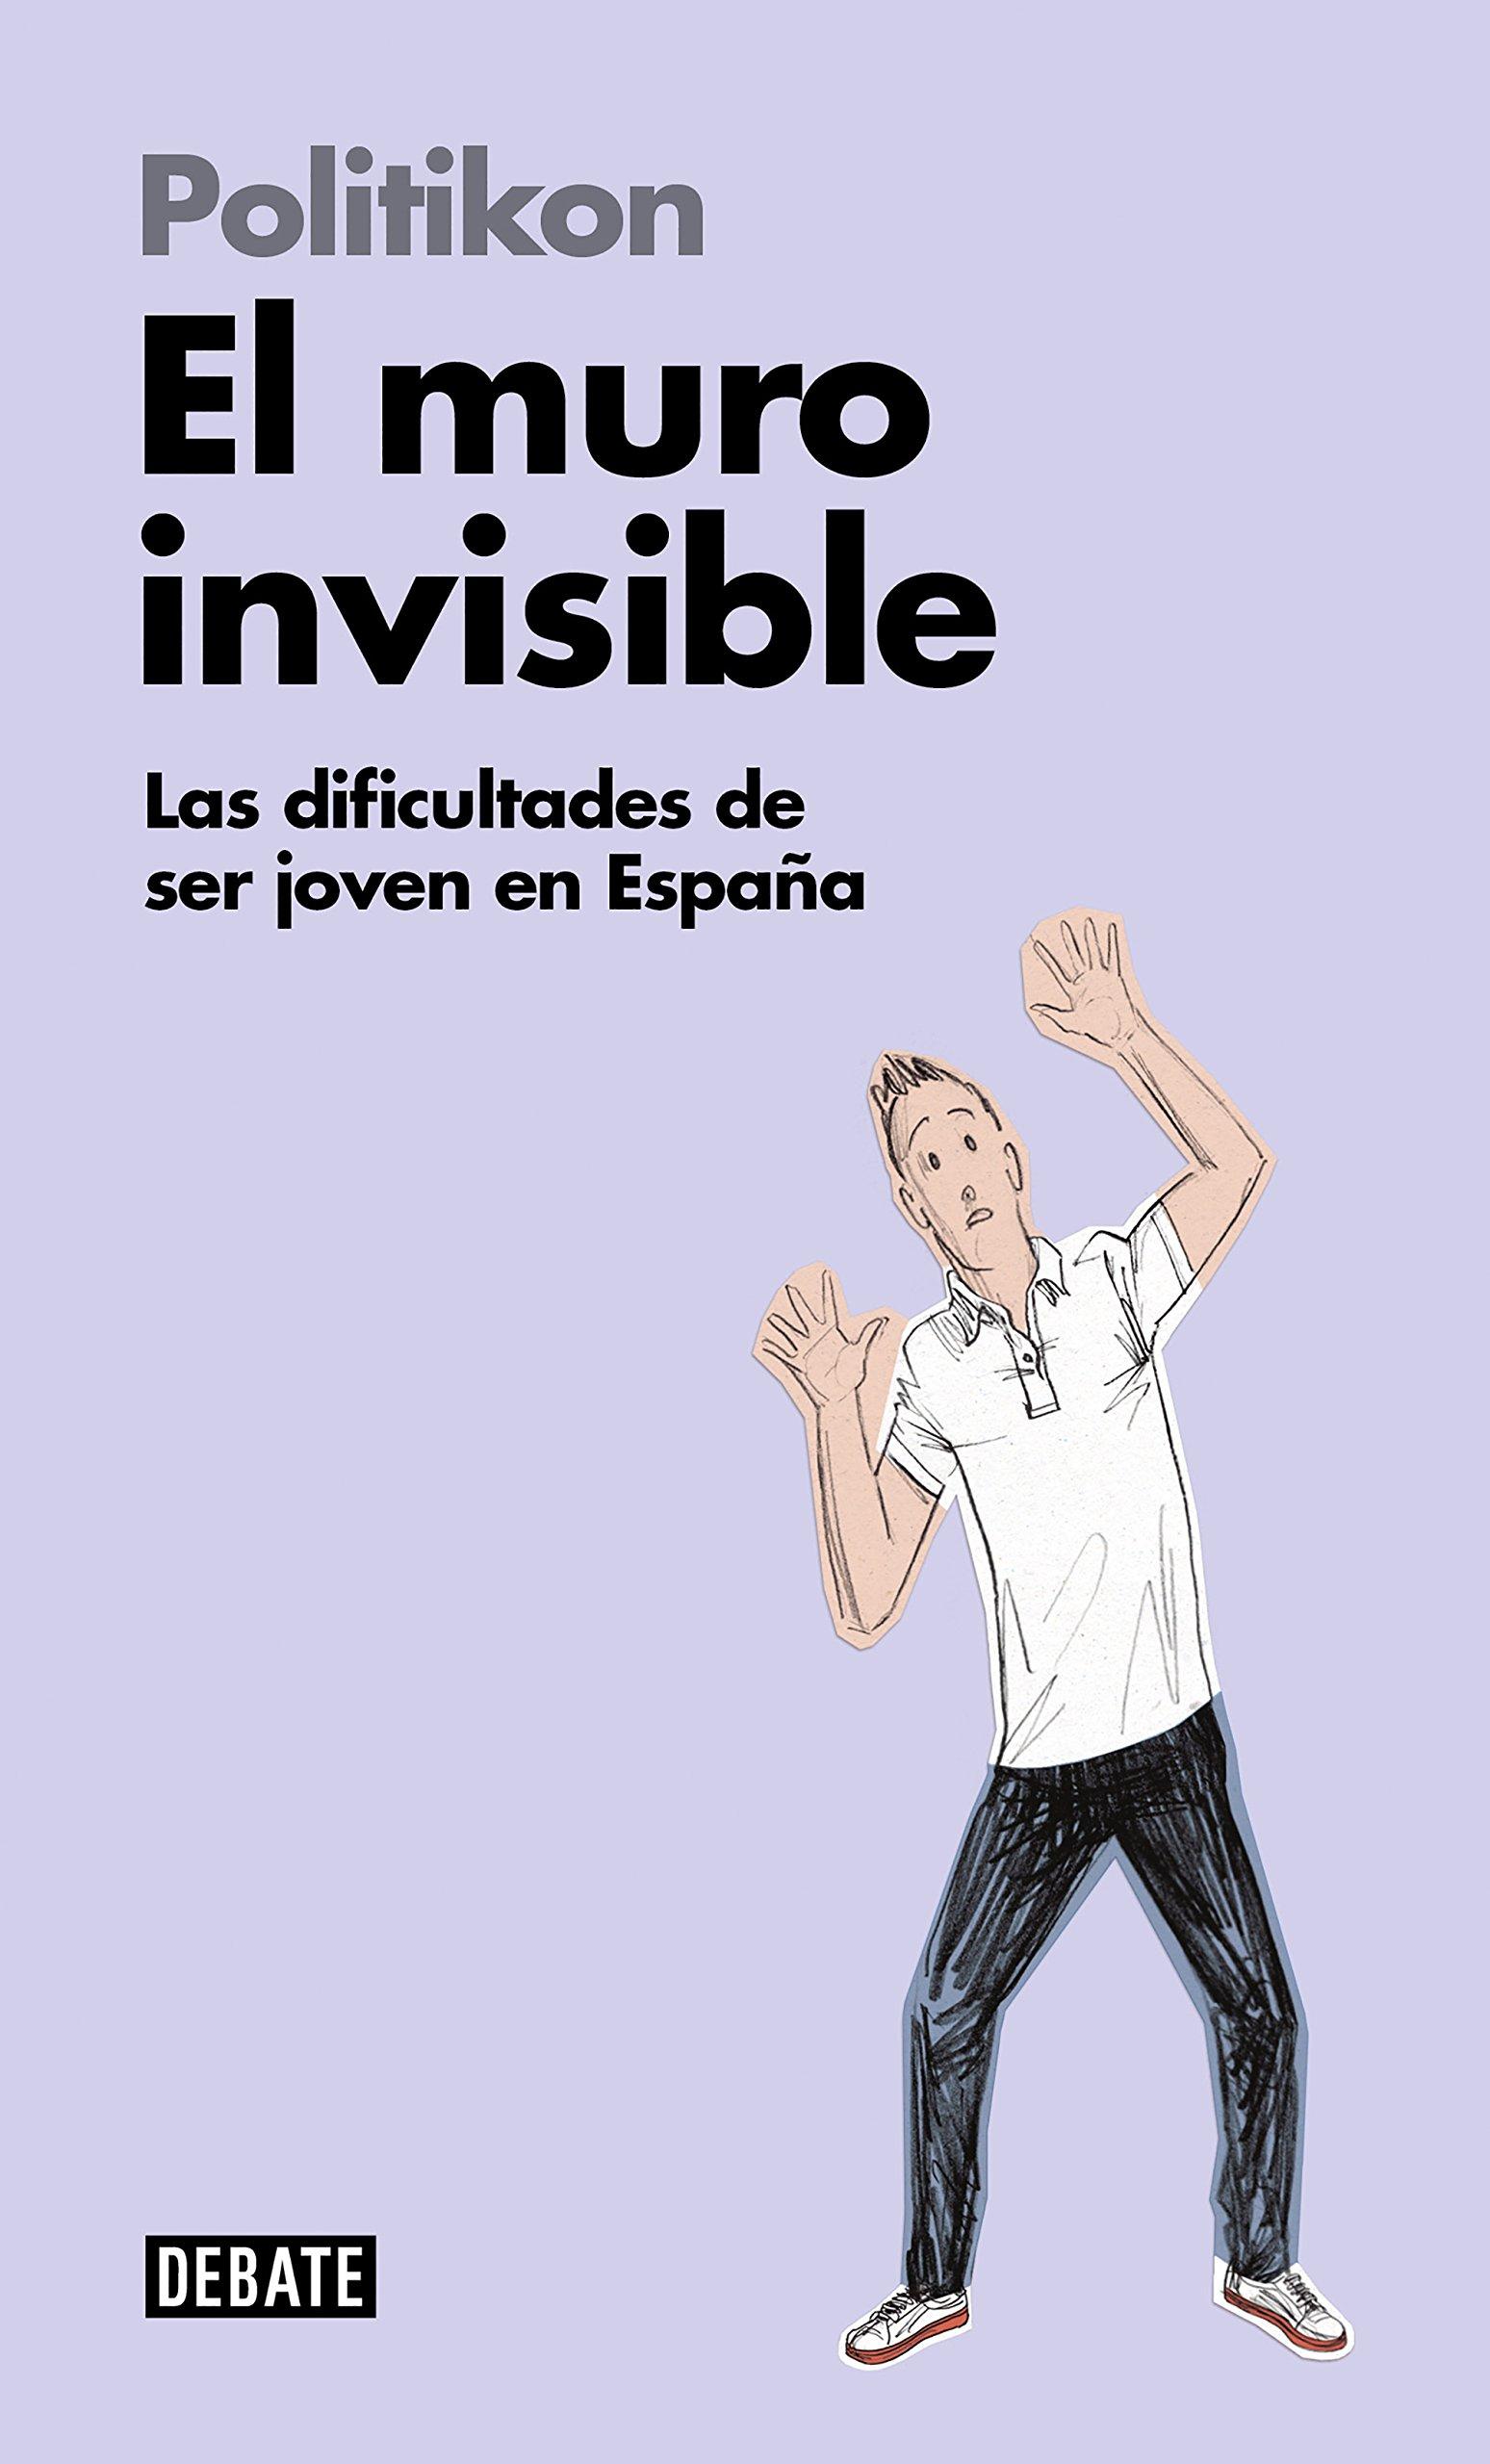 Resultado de imagen de El muro invisible Politikón imágenes